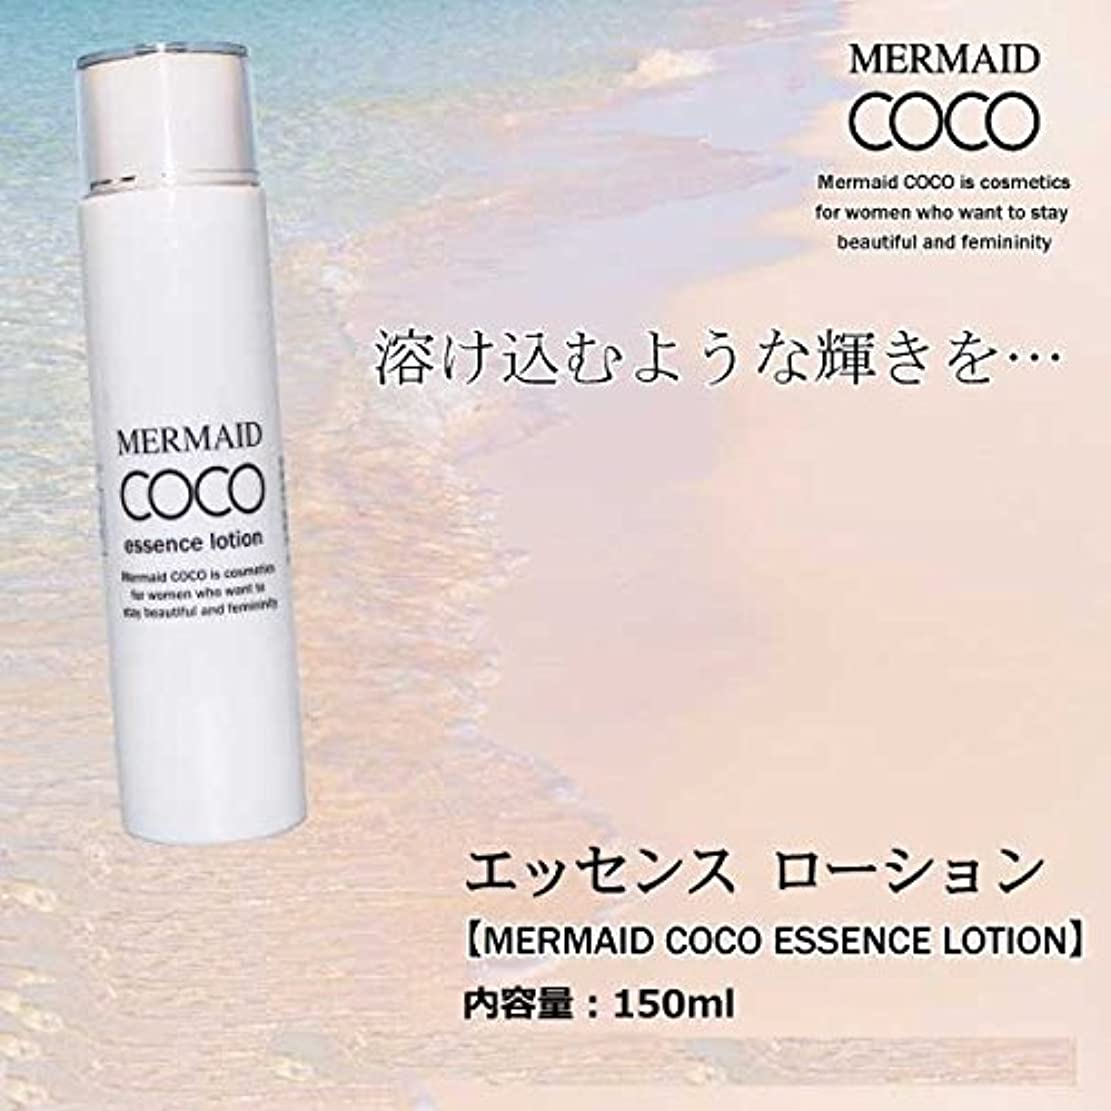 宿命アリ誘惑マーメイド ココ  エッセンローション MERMAID COCO ESSENCE LOTION 150ml